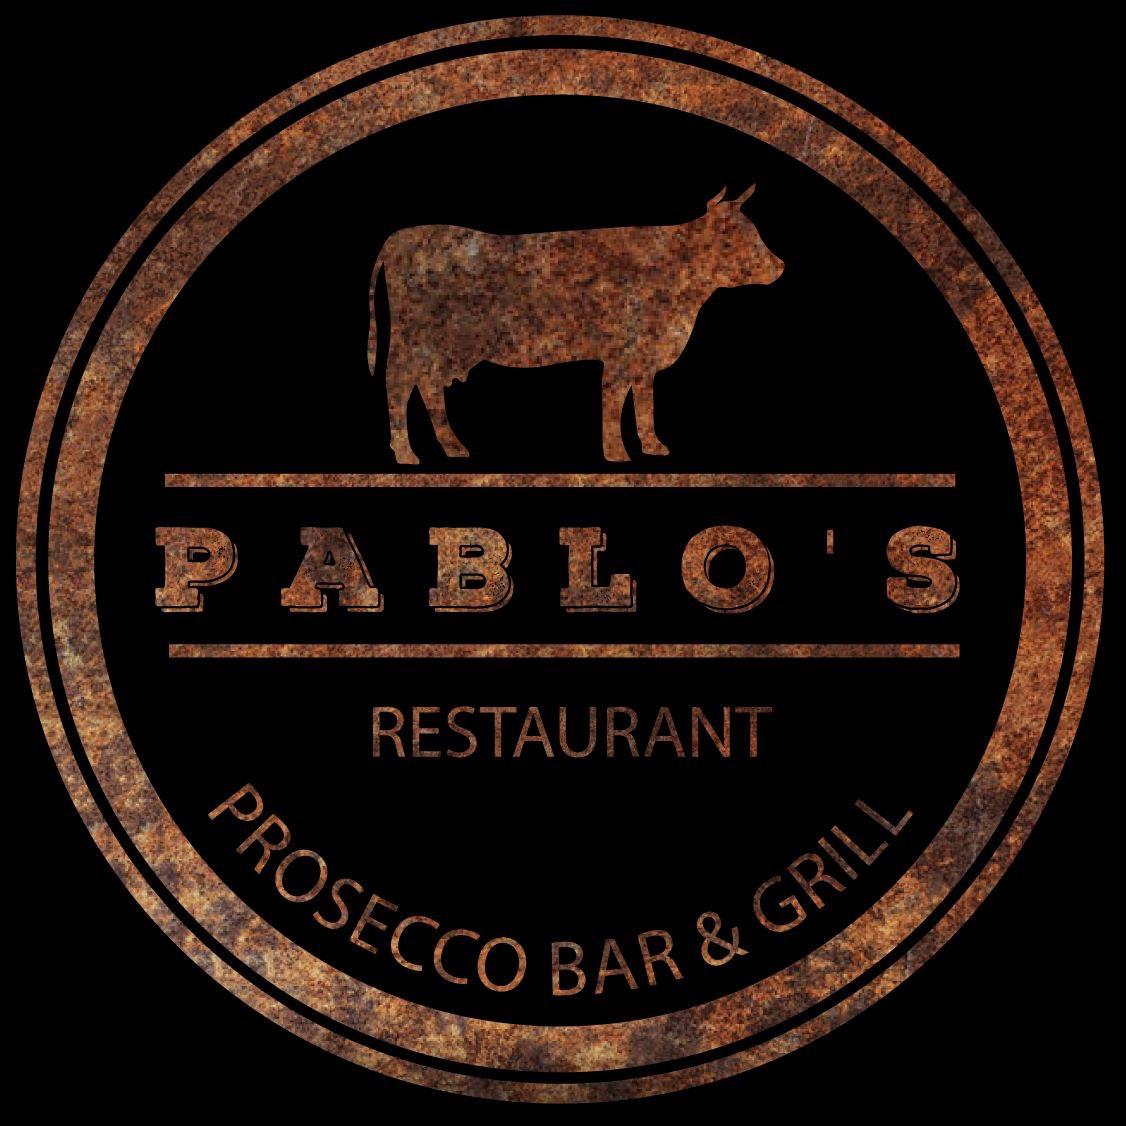 Pablo's Prosecco Bar & Grill